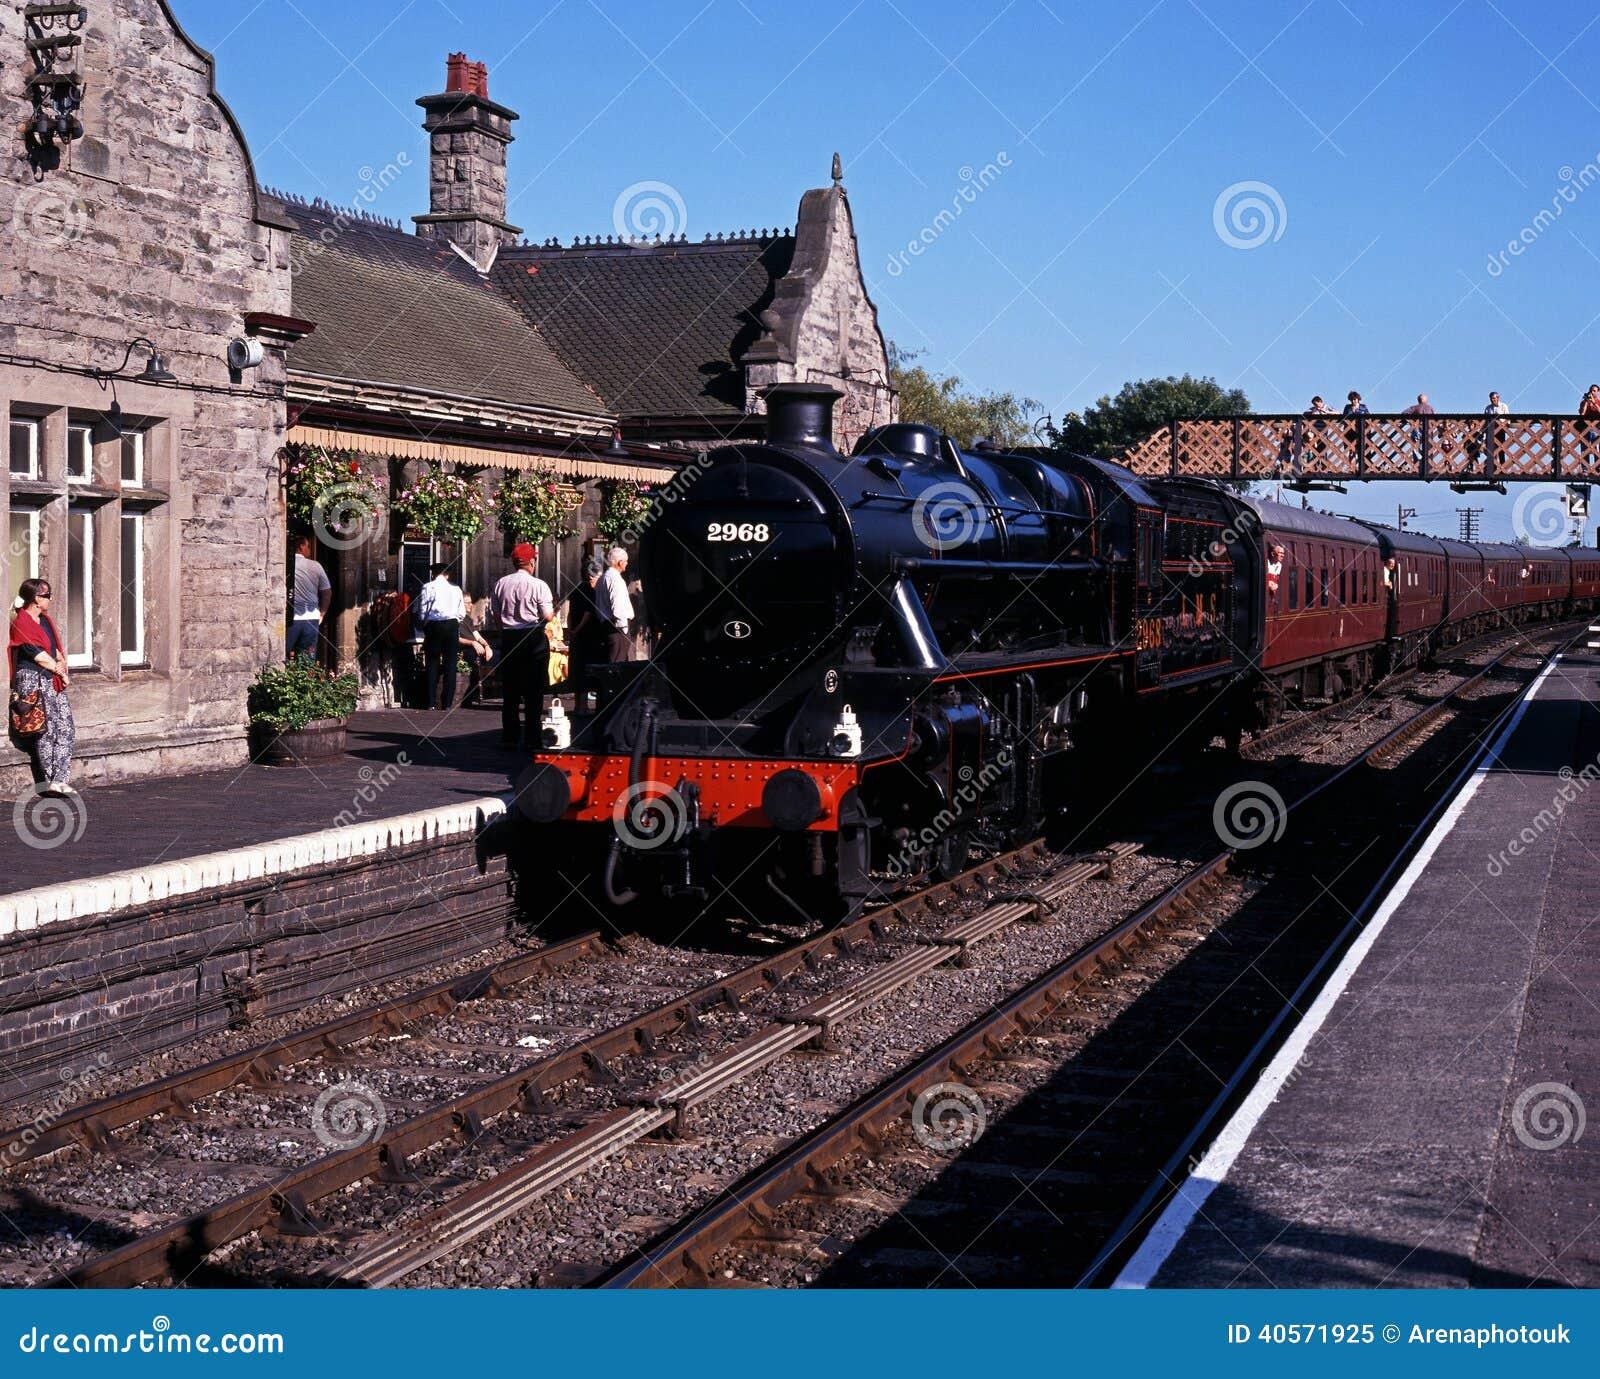 cuisez le train la vapeur dans la station bridgnorth r. Black Bedroom Furniture Sets. Home Design Ideas